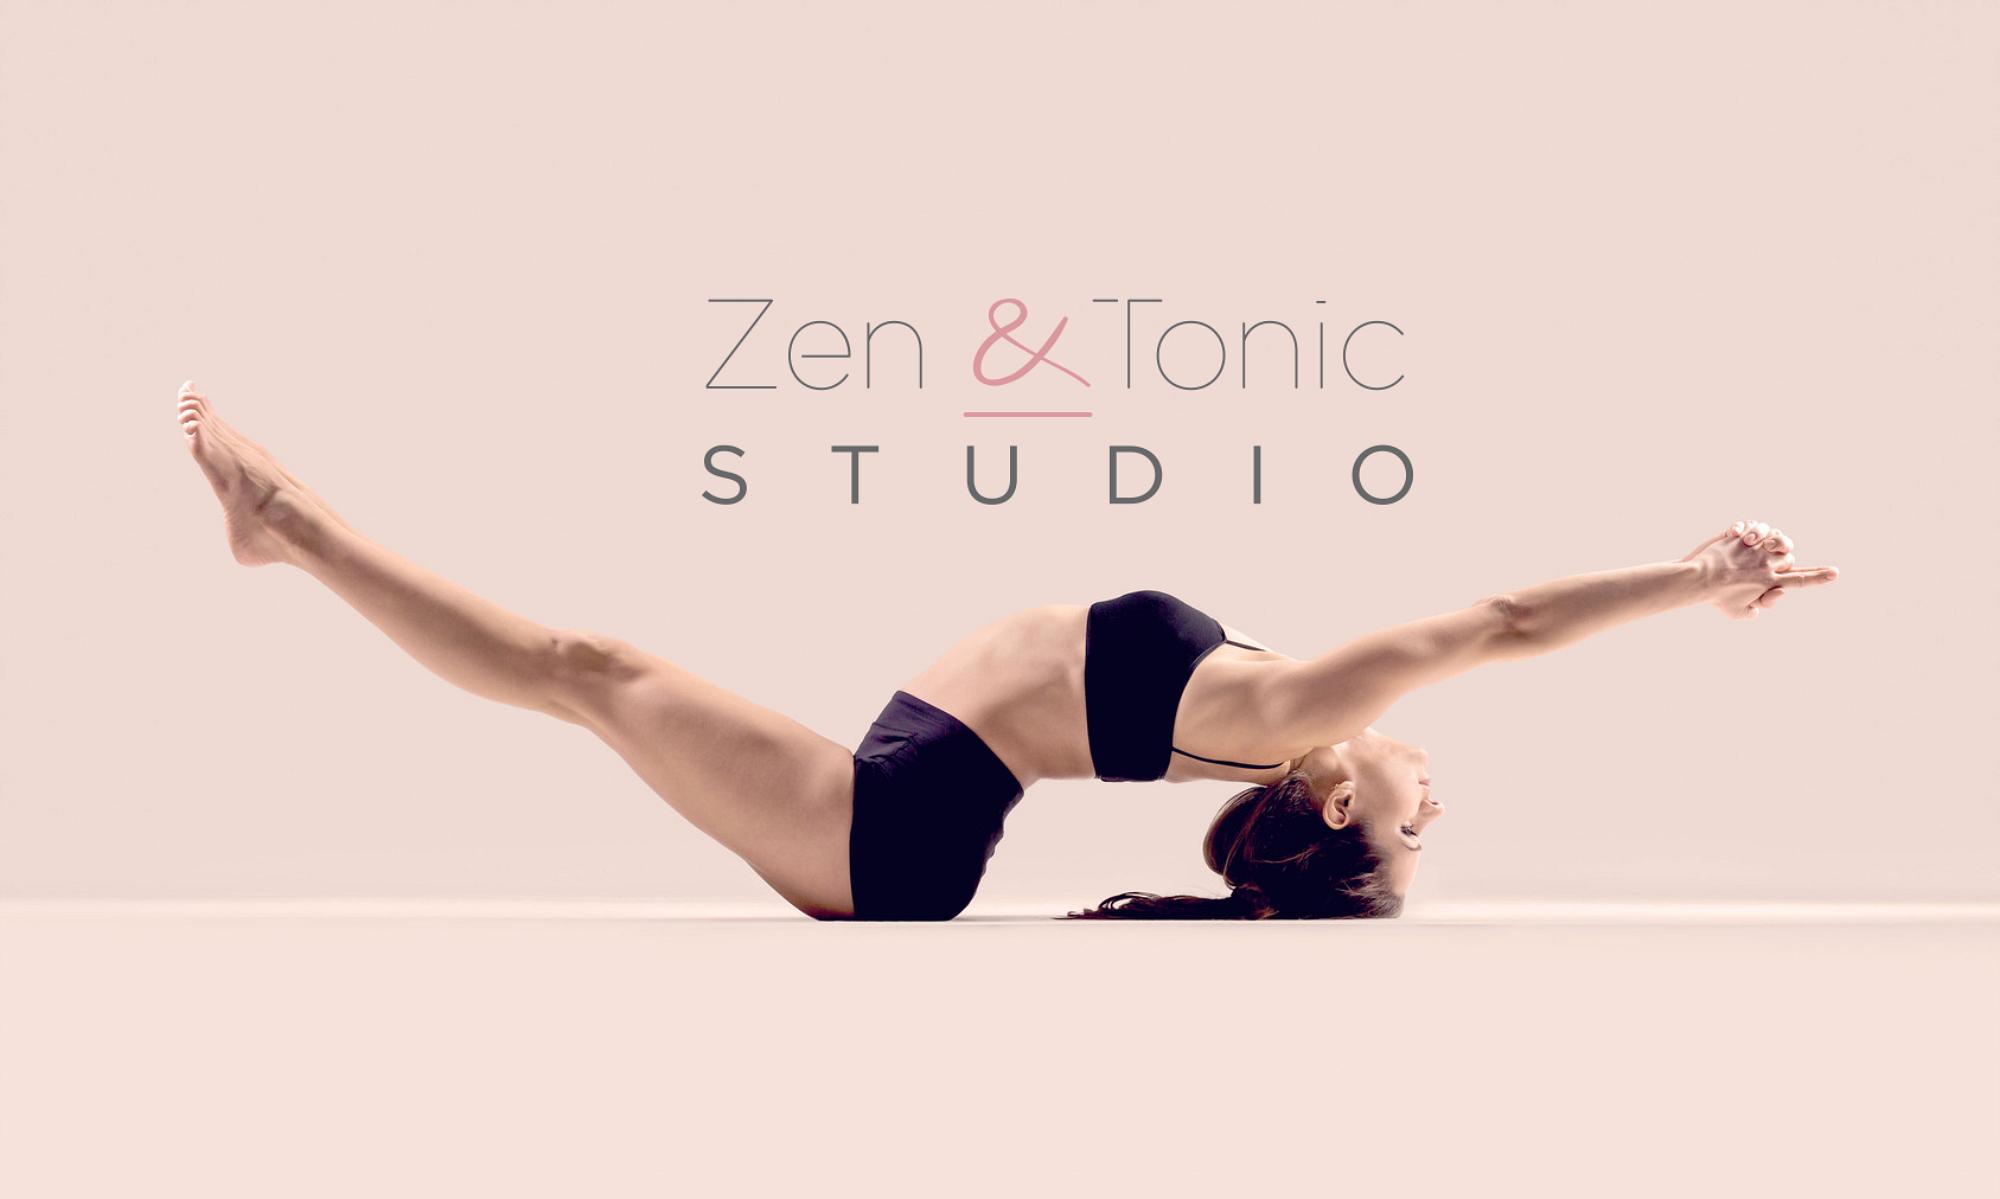 Zen & Tonic Studio